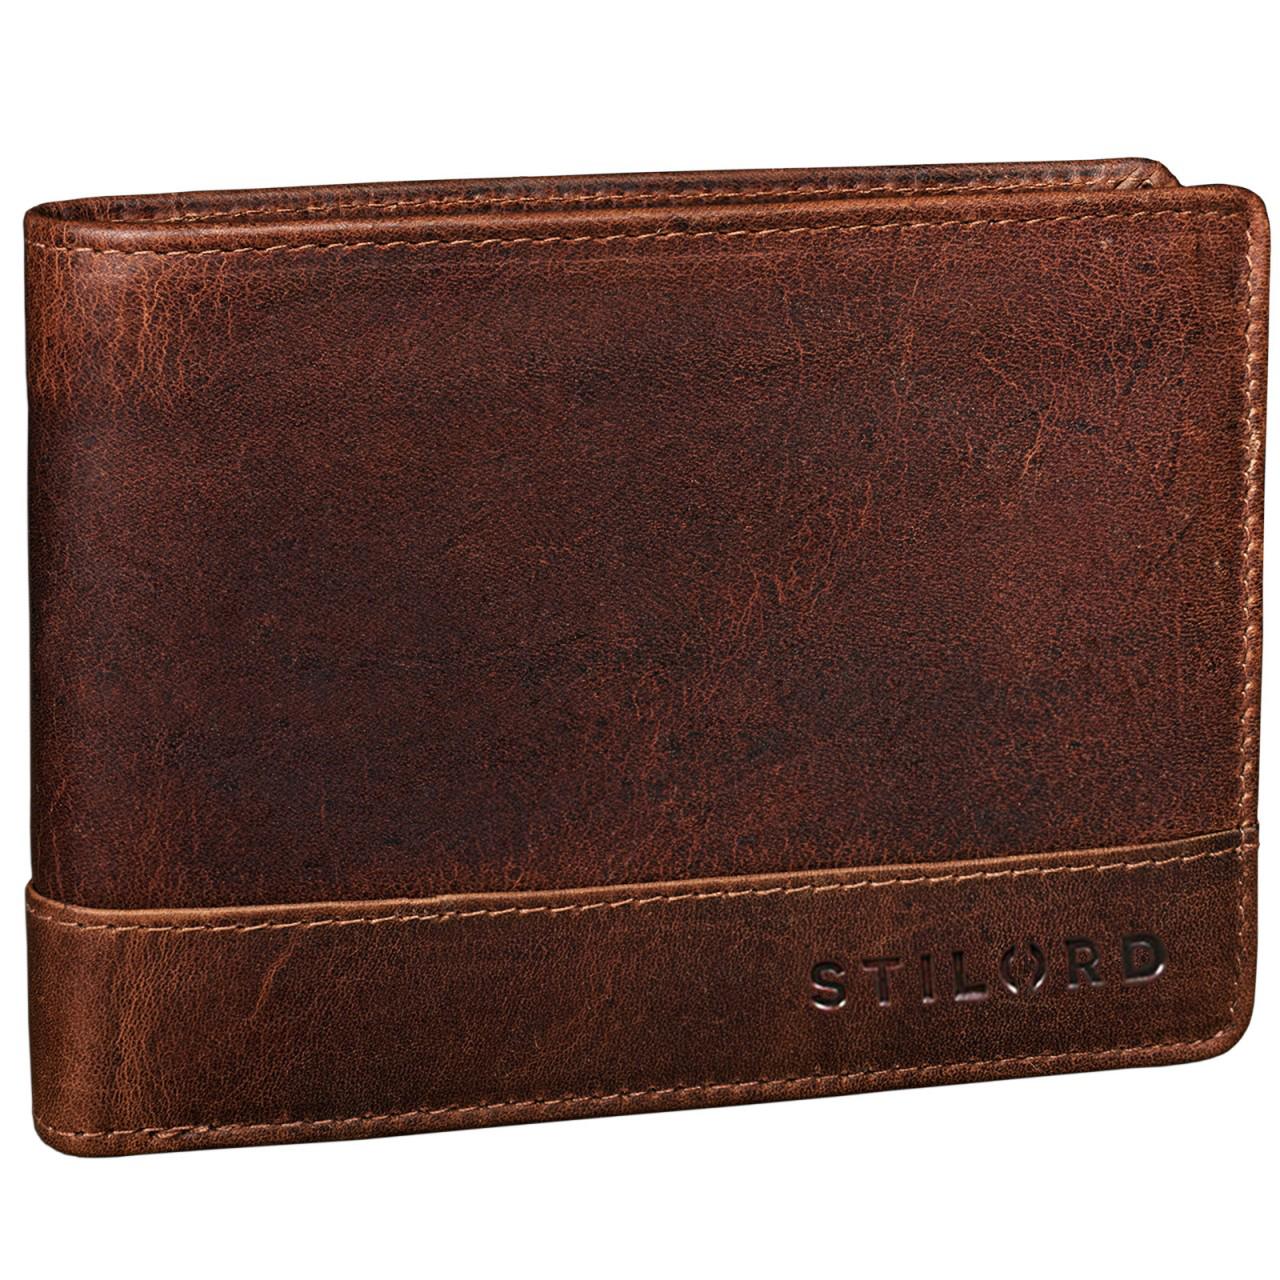 """STILORD """"Lucius"""" Vintage Portemonnaie Leder Herren Brieftasche Geldbörse Portmonee Geldbeutel Wallet Echtleder - Bild 7"""